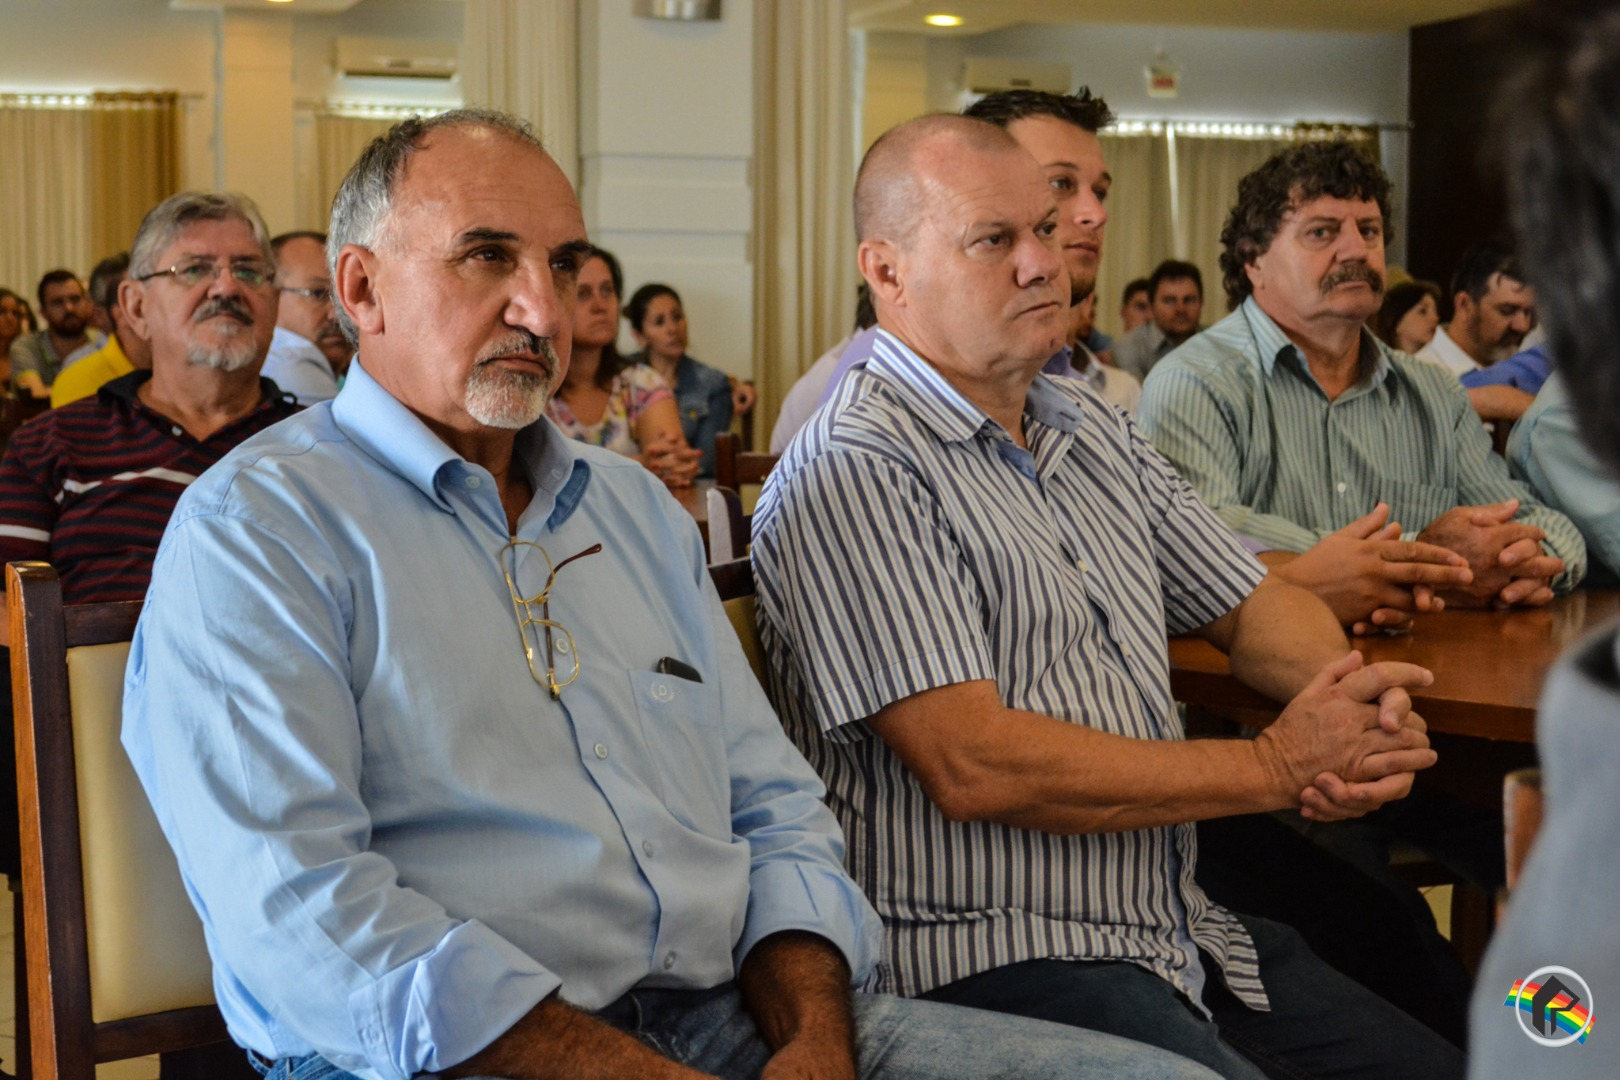 Senador Álvaro Dias ministra palestra sobre o atual momento político